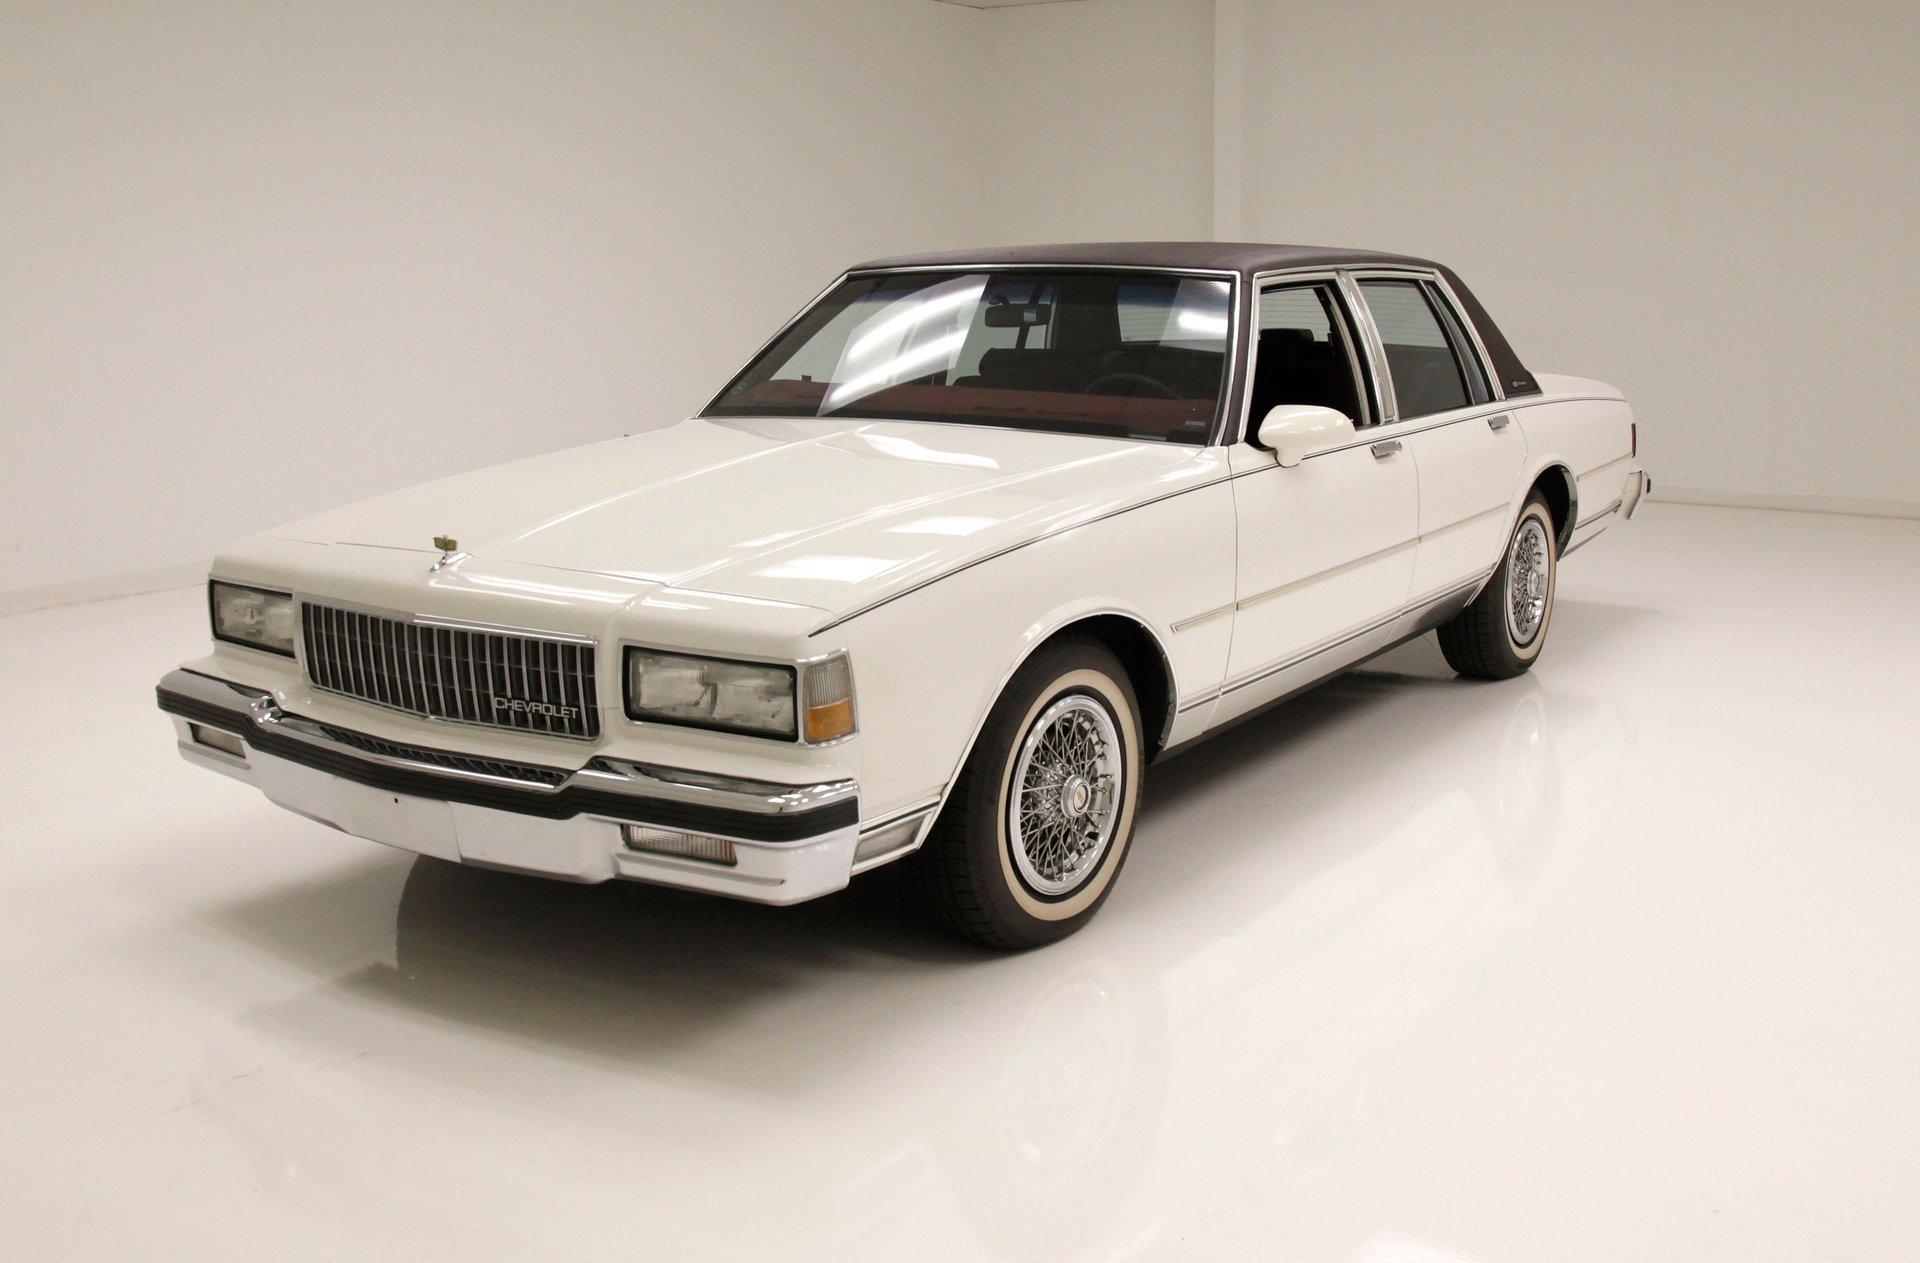 1989 Chevrolet Caprice